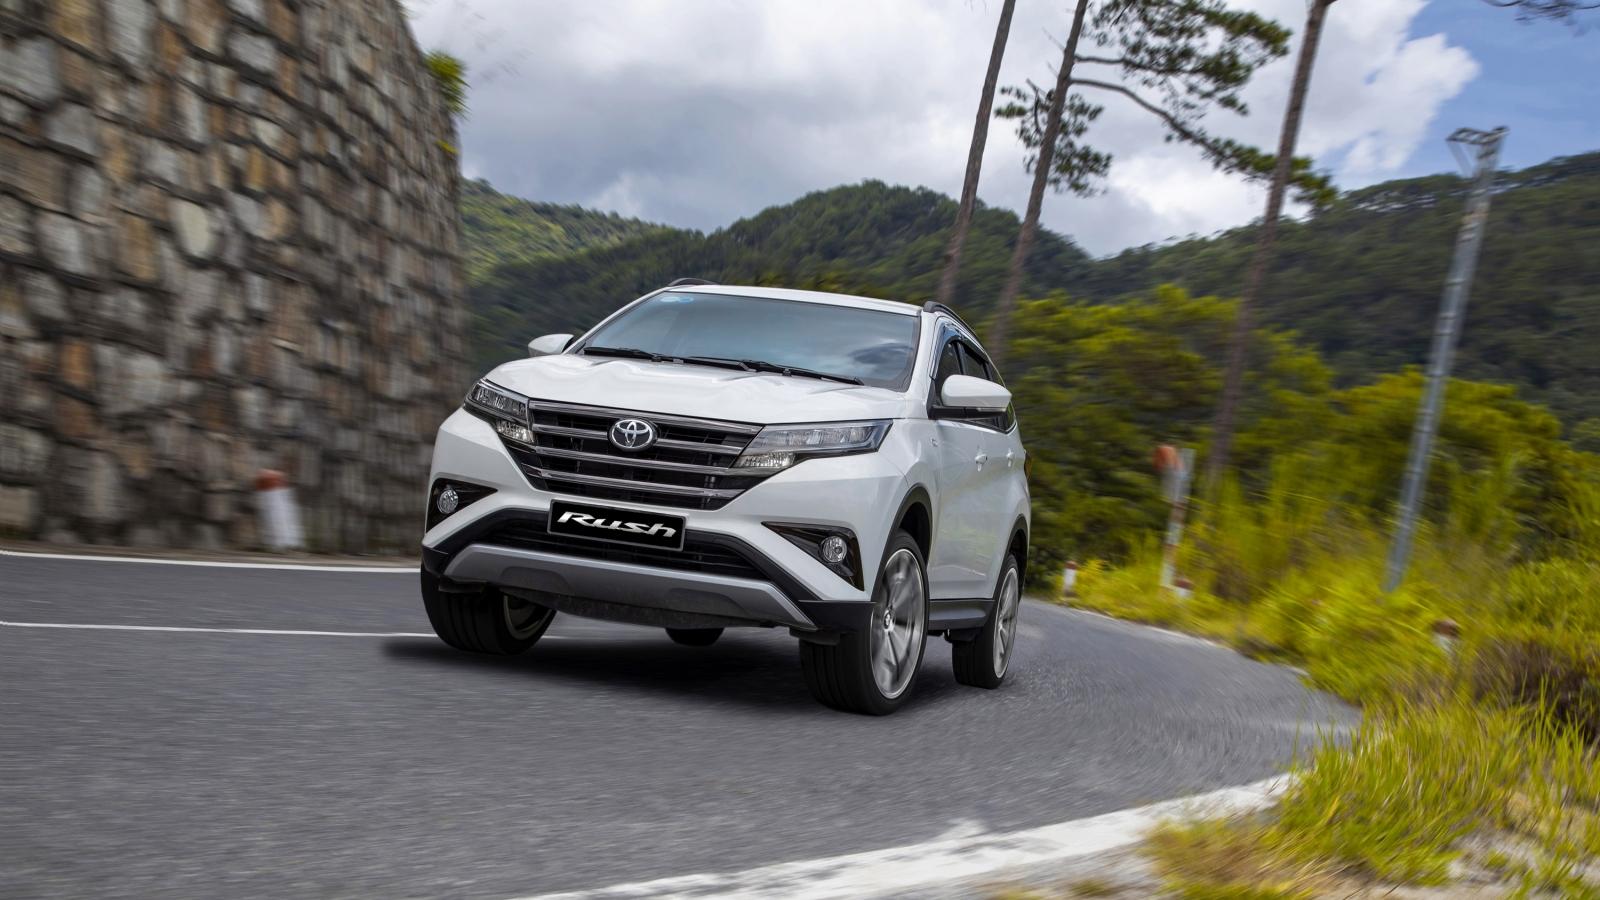 Toyota Rush mới rẻ hơn 35 triệu đồng so với phiên bản cũ